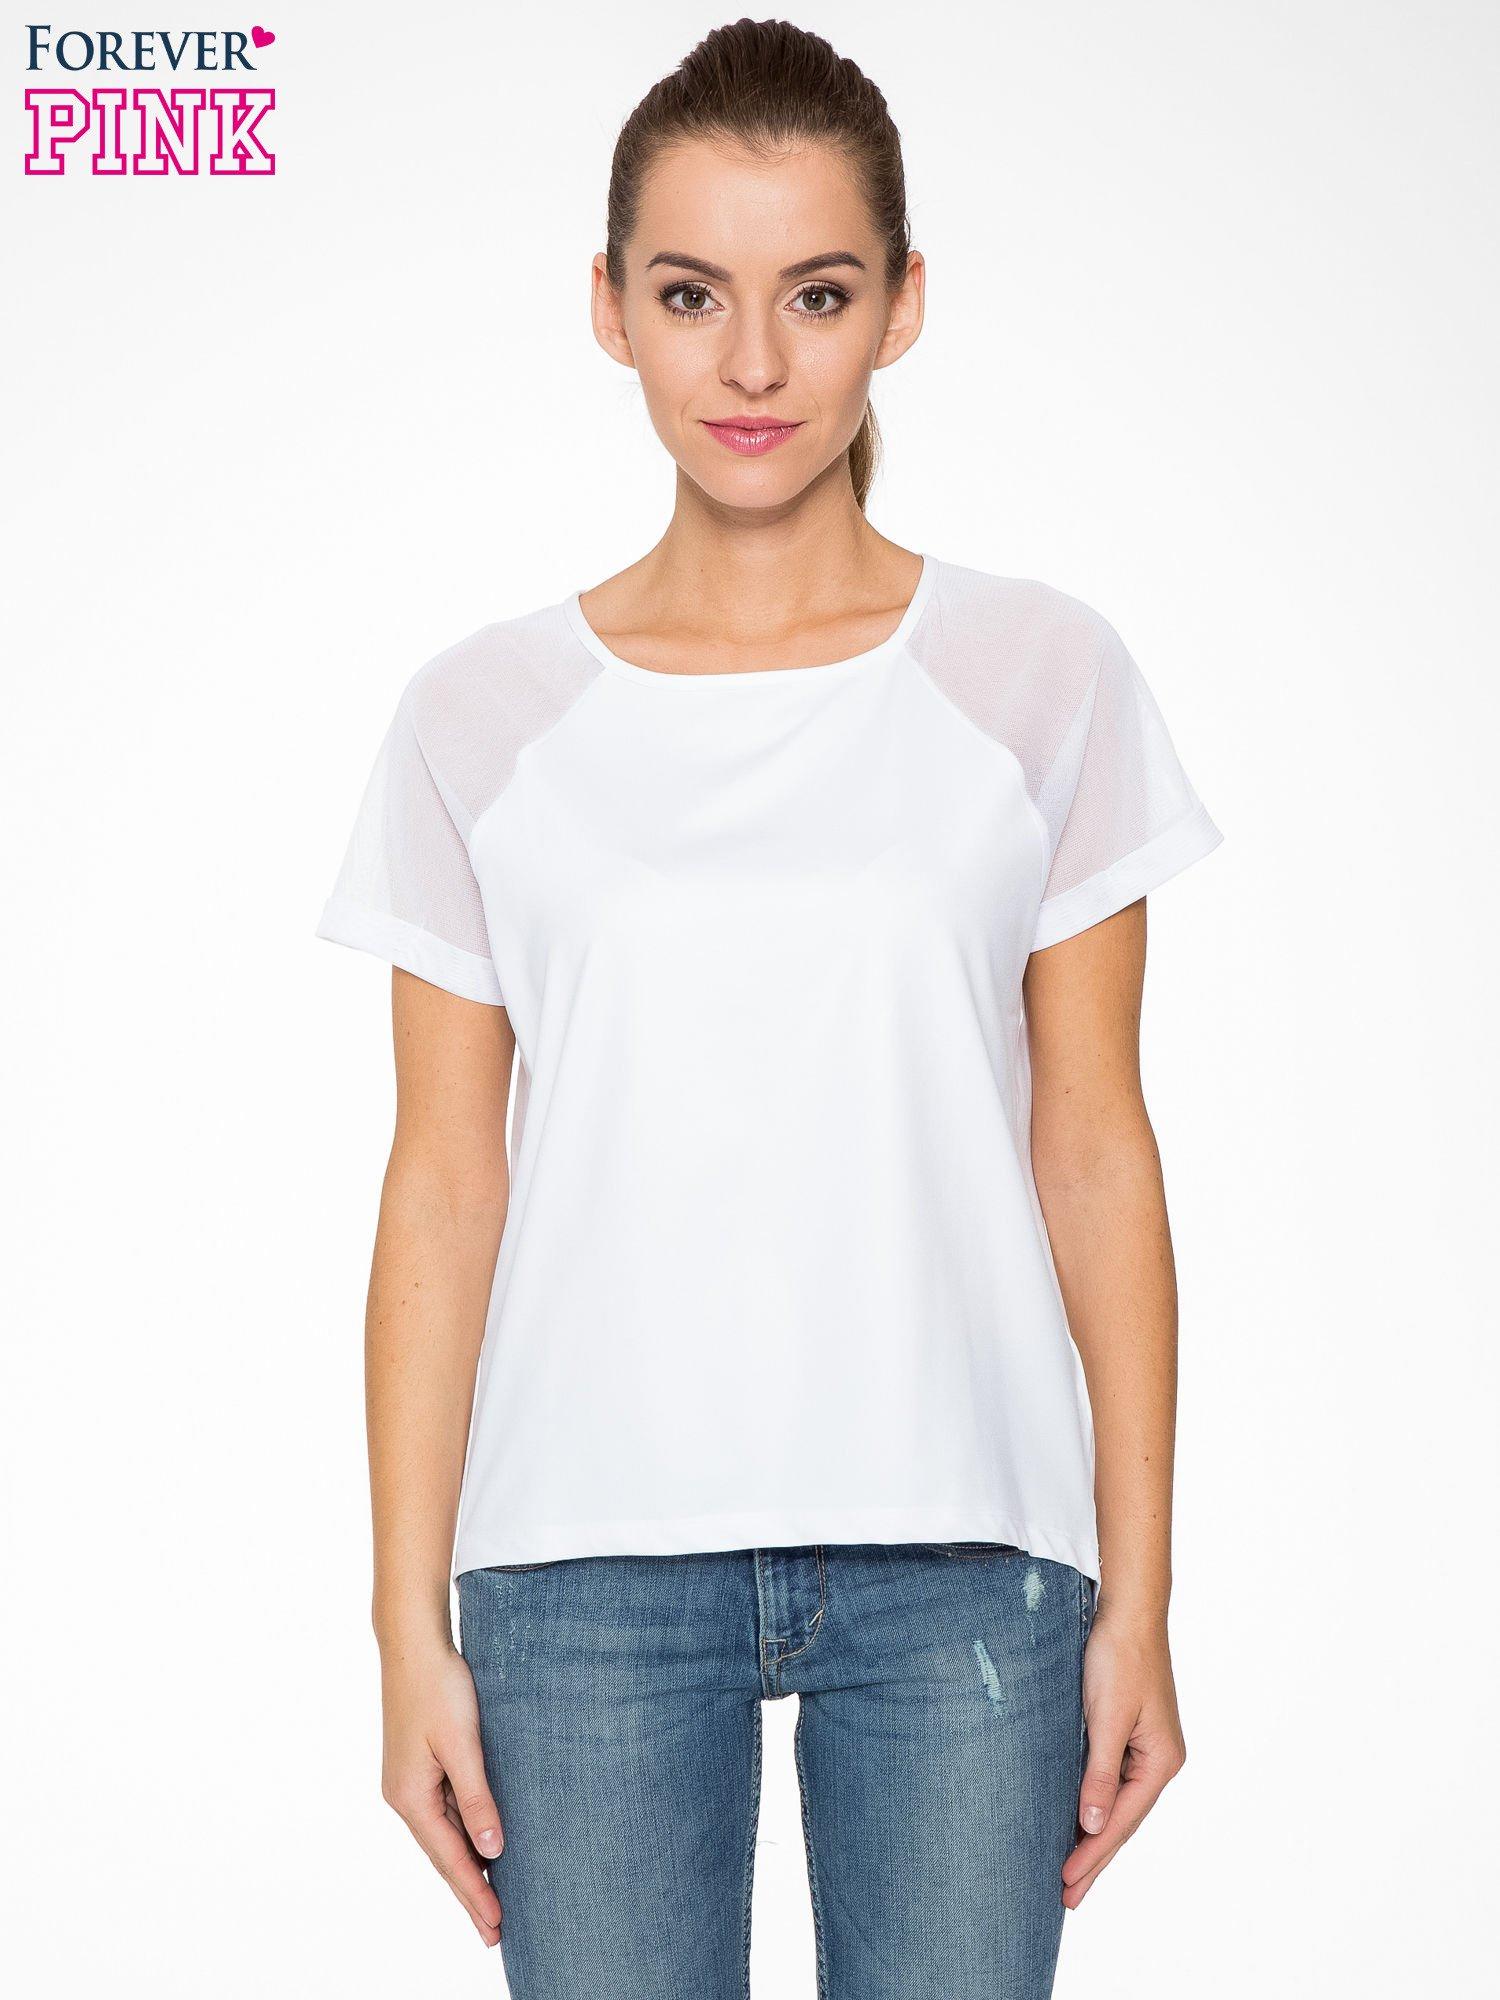 Biała bluzka z transparentnymi rękawkami                                  zdj.                                  1